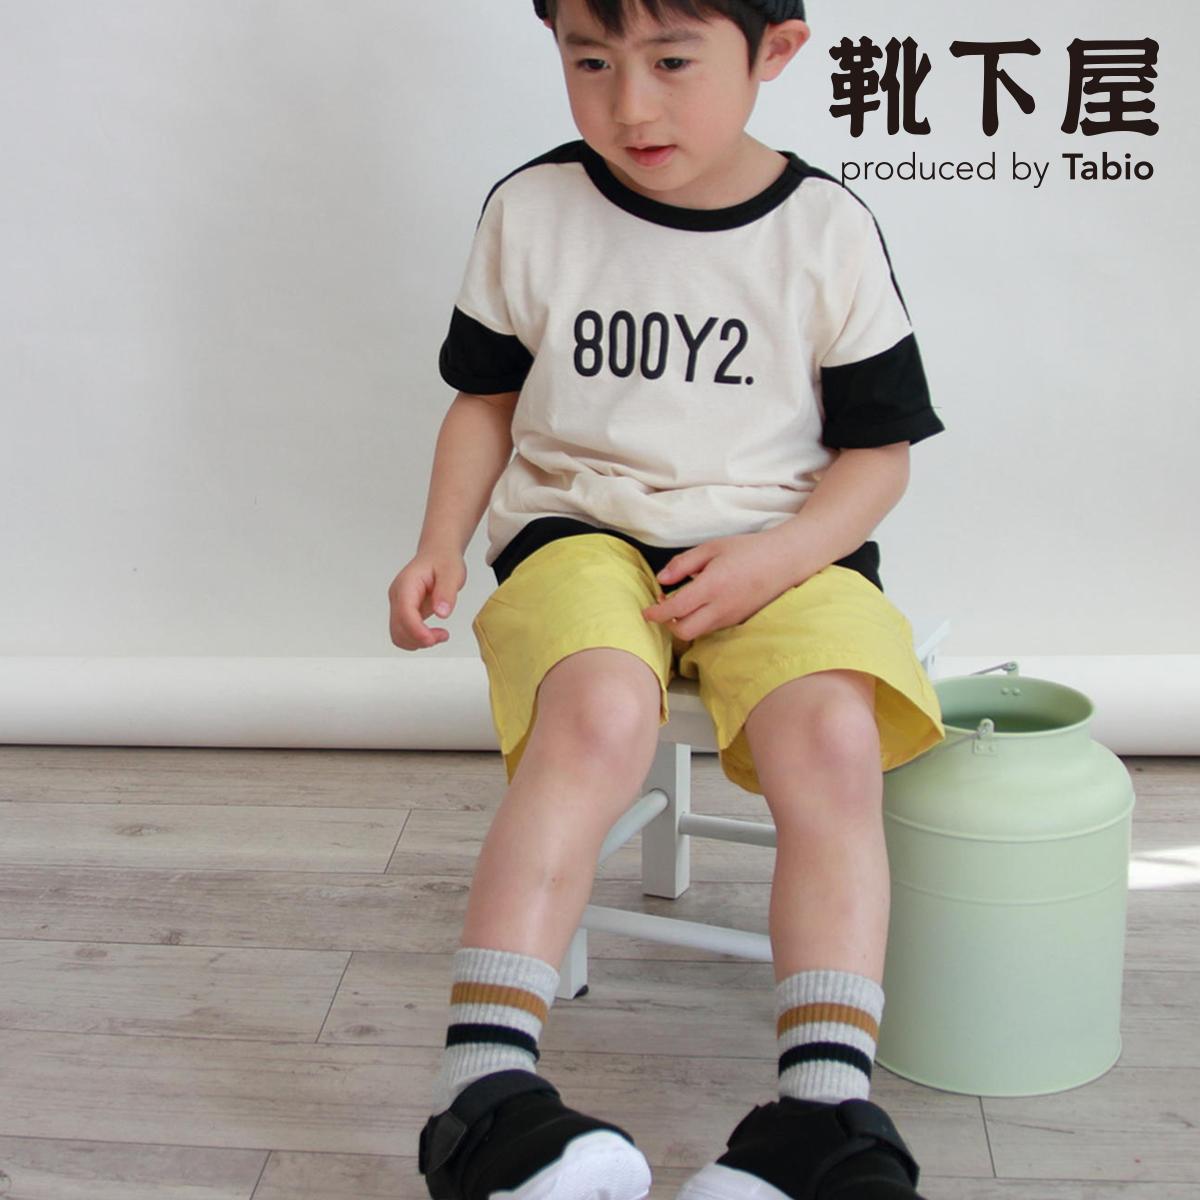 アウトレットセール 特集 靴下屋 キッズ 2本ラインショートソックス 19~21cm 靴下 タビオ 売買 Tabio ショート 子供用靴下 あす楽 くつ下 日本製 子供